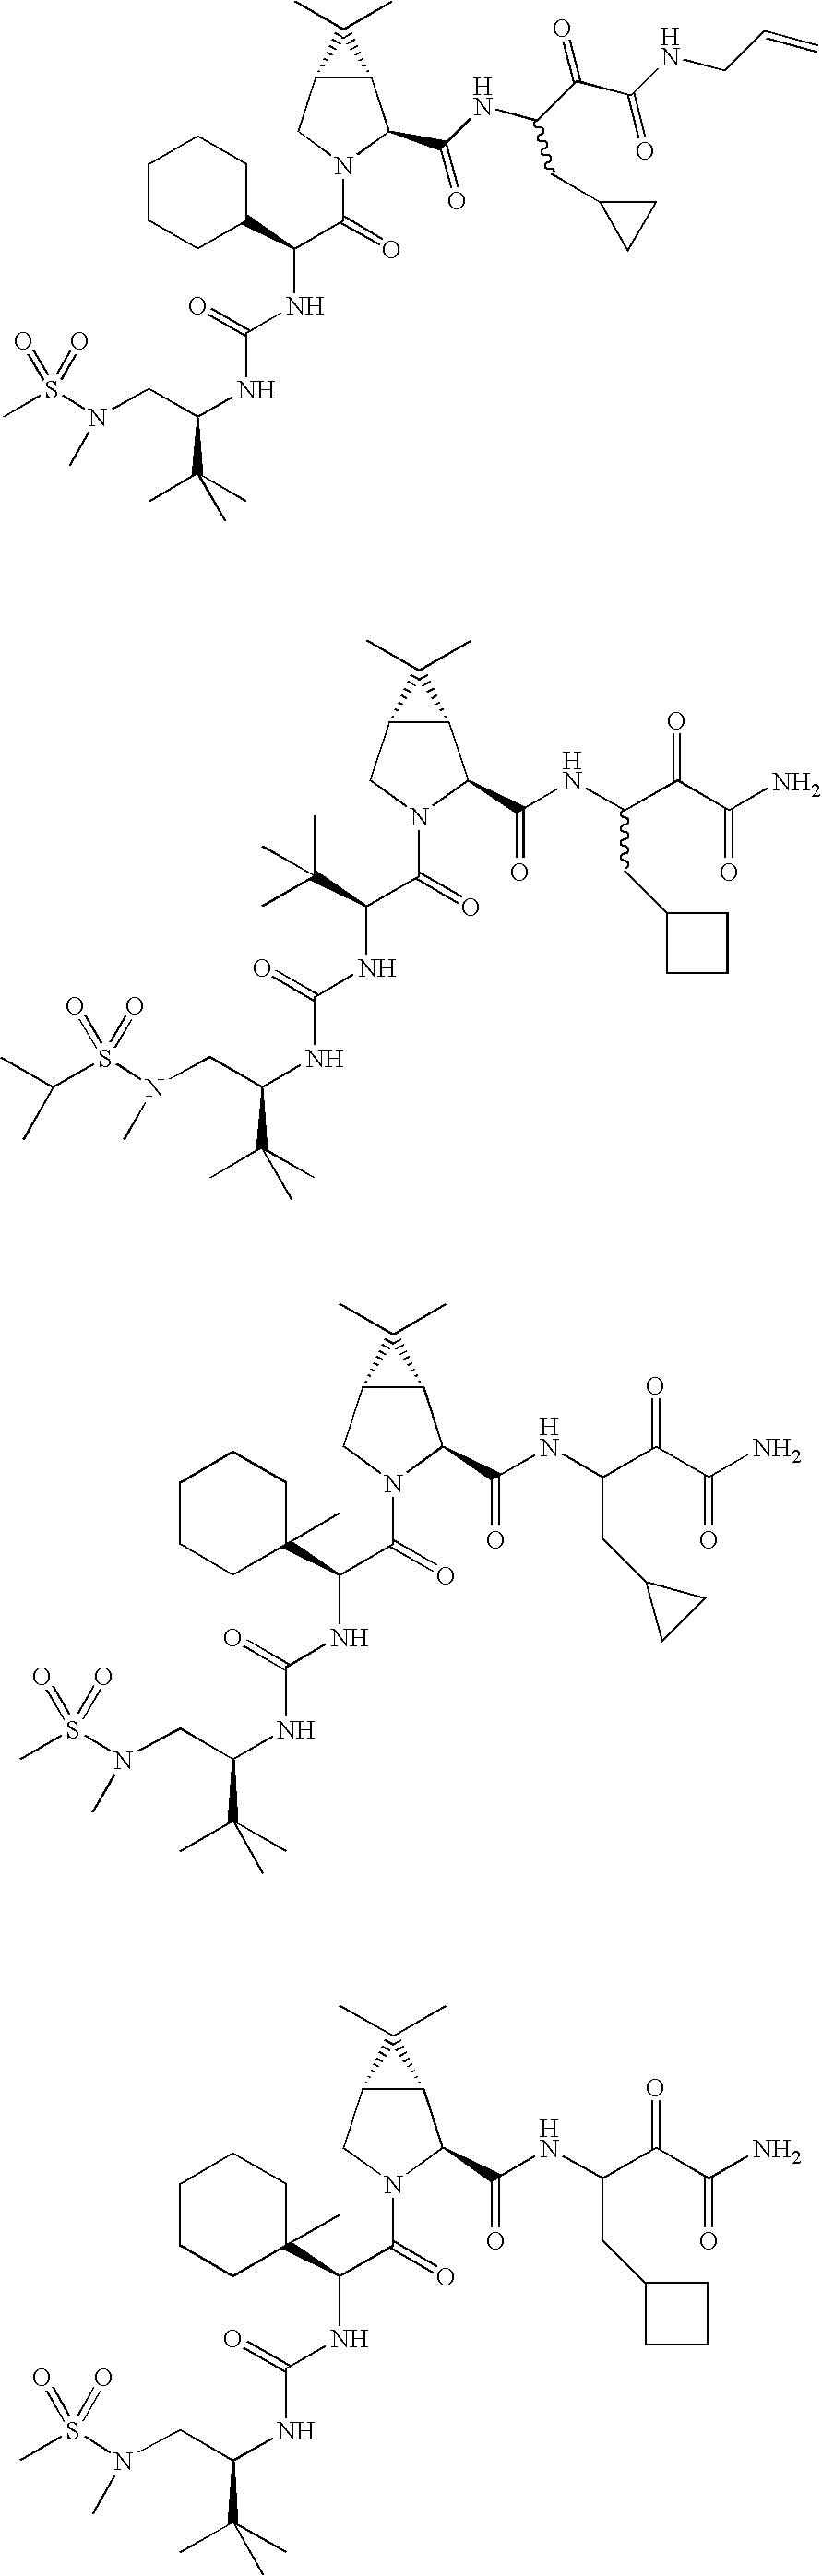 Figure US20060287248A1-20061221-C00344